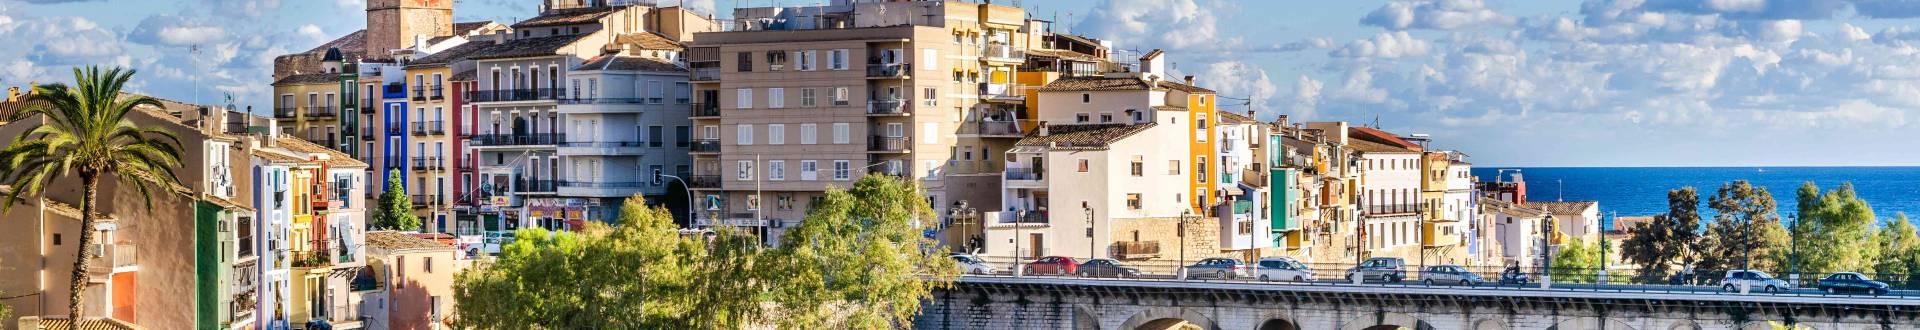 PACO LLORET-FOTÓGRAFO | Benidorm Espagne | visite virtuelle 360 3D VR